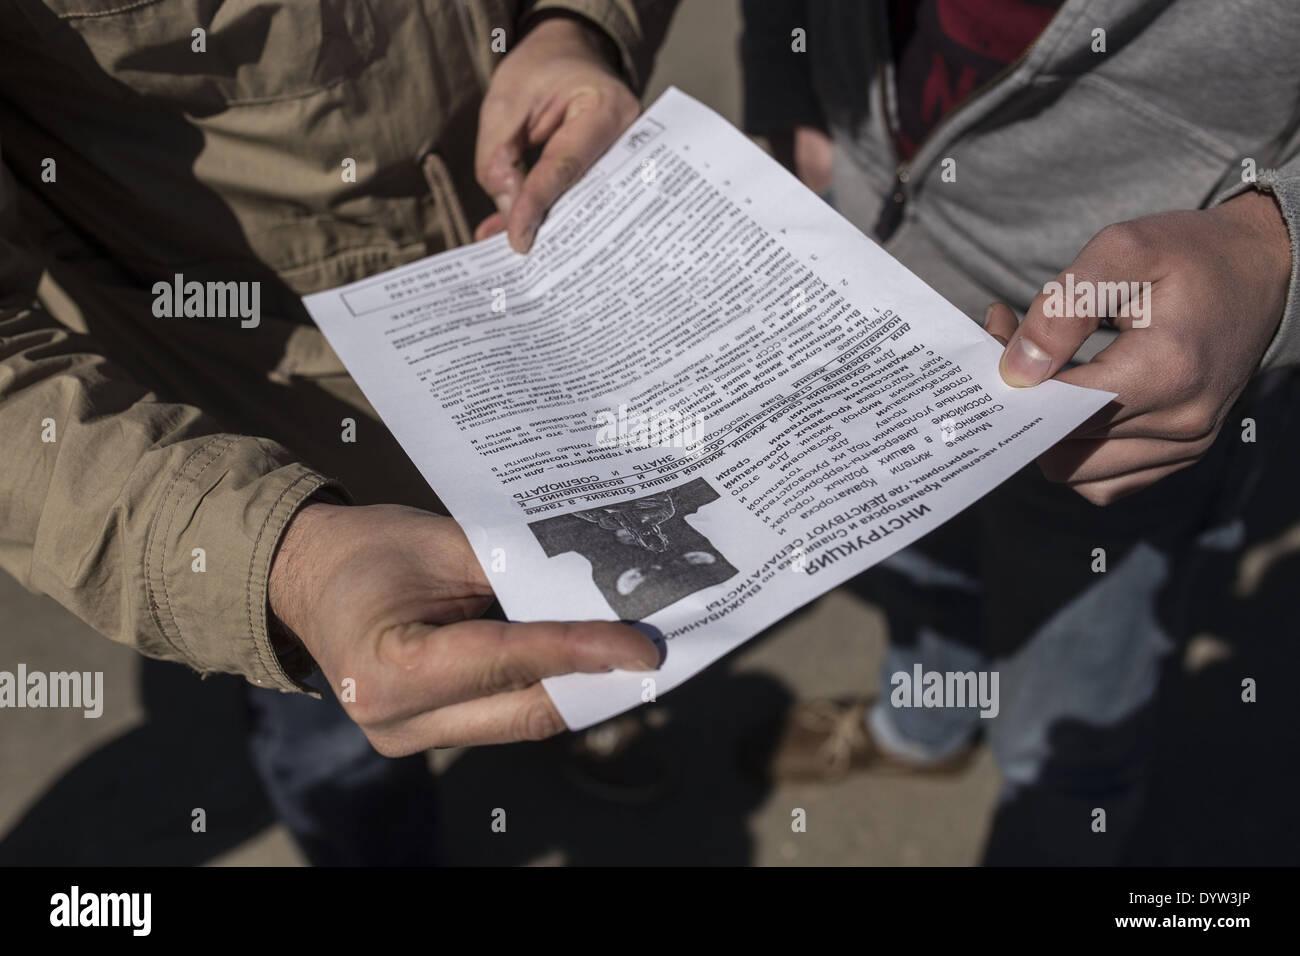 Slovyansk, Ucraina. Xxv Aprile, 2014. Le persone sono la lettura flayer contro i separatisti sulla piazza Lenin di fronte all'occupato il Consiglio comunale della città di Slovyansk. Credito: Michal Burza/ZUMA filo/ZUMAPRESS.com/Alamy Live News Immagini Stock